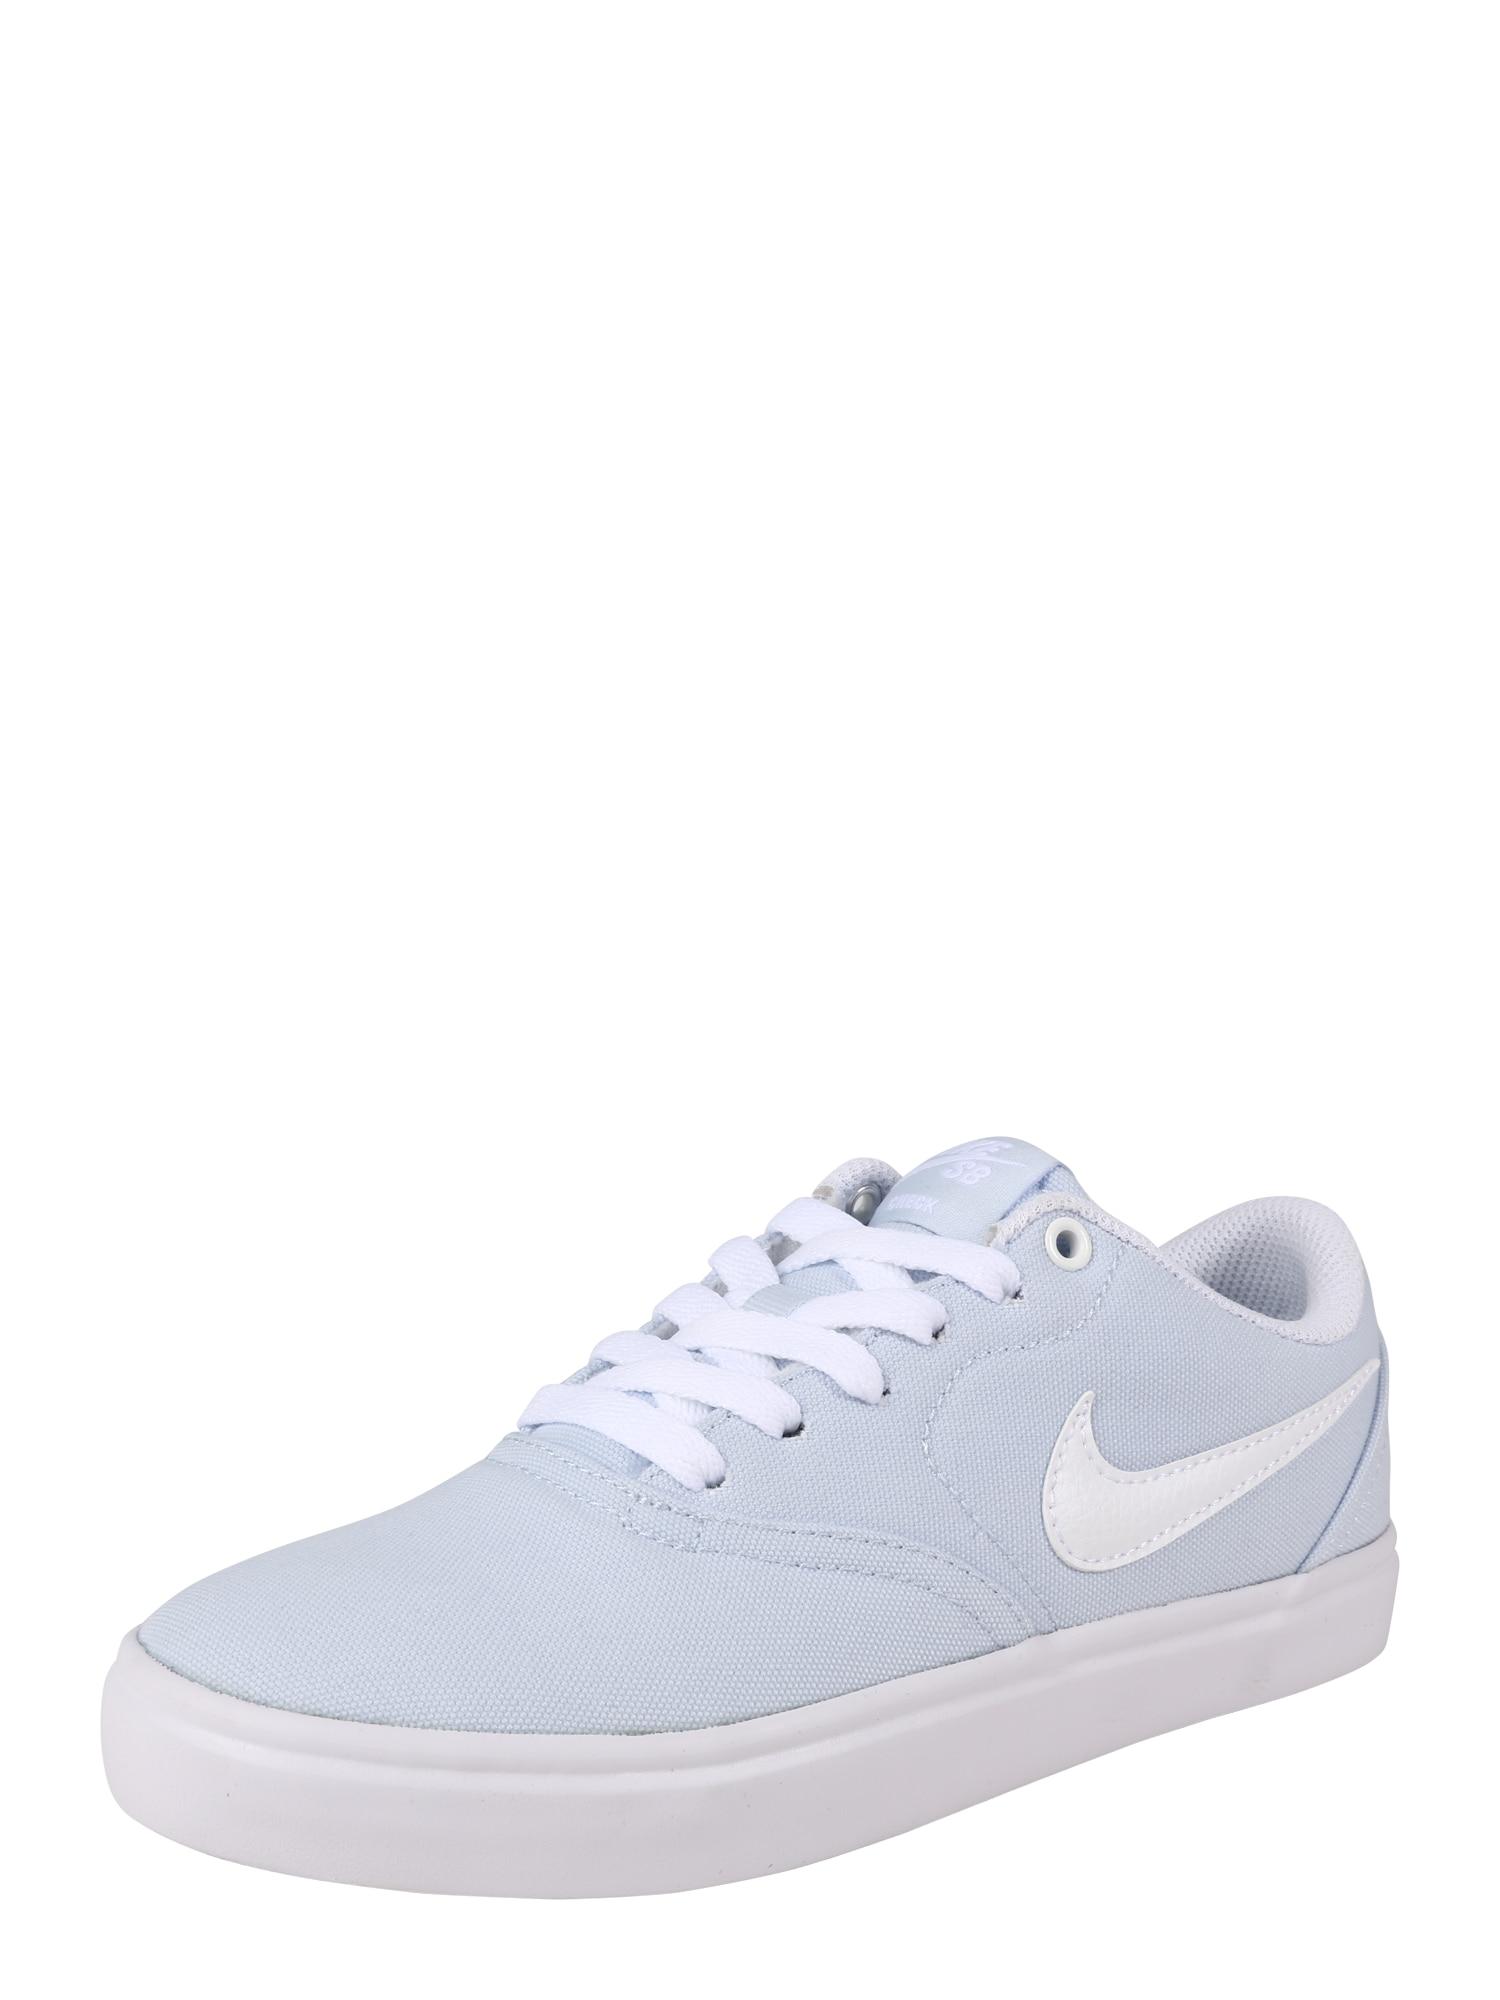 Sportovní boty Solarsoft Canvas modrá bílá Nike SB